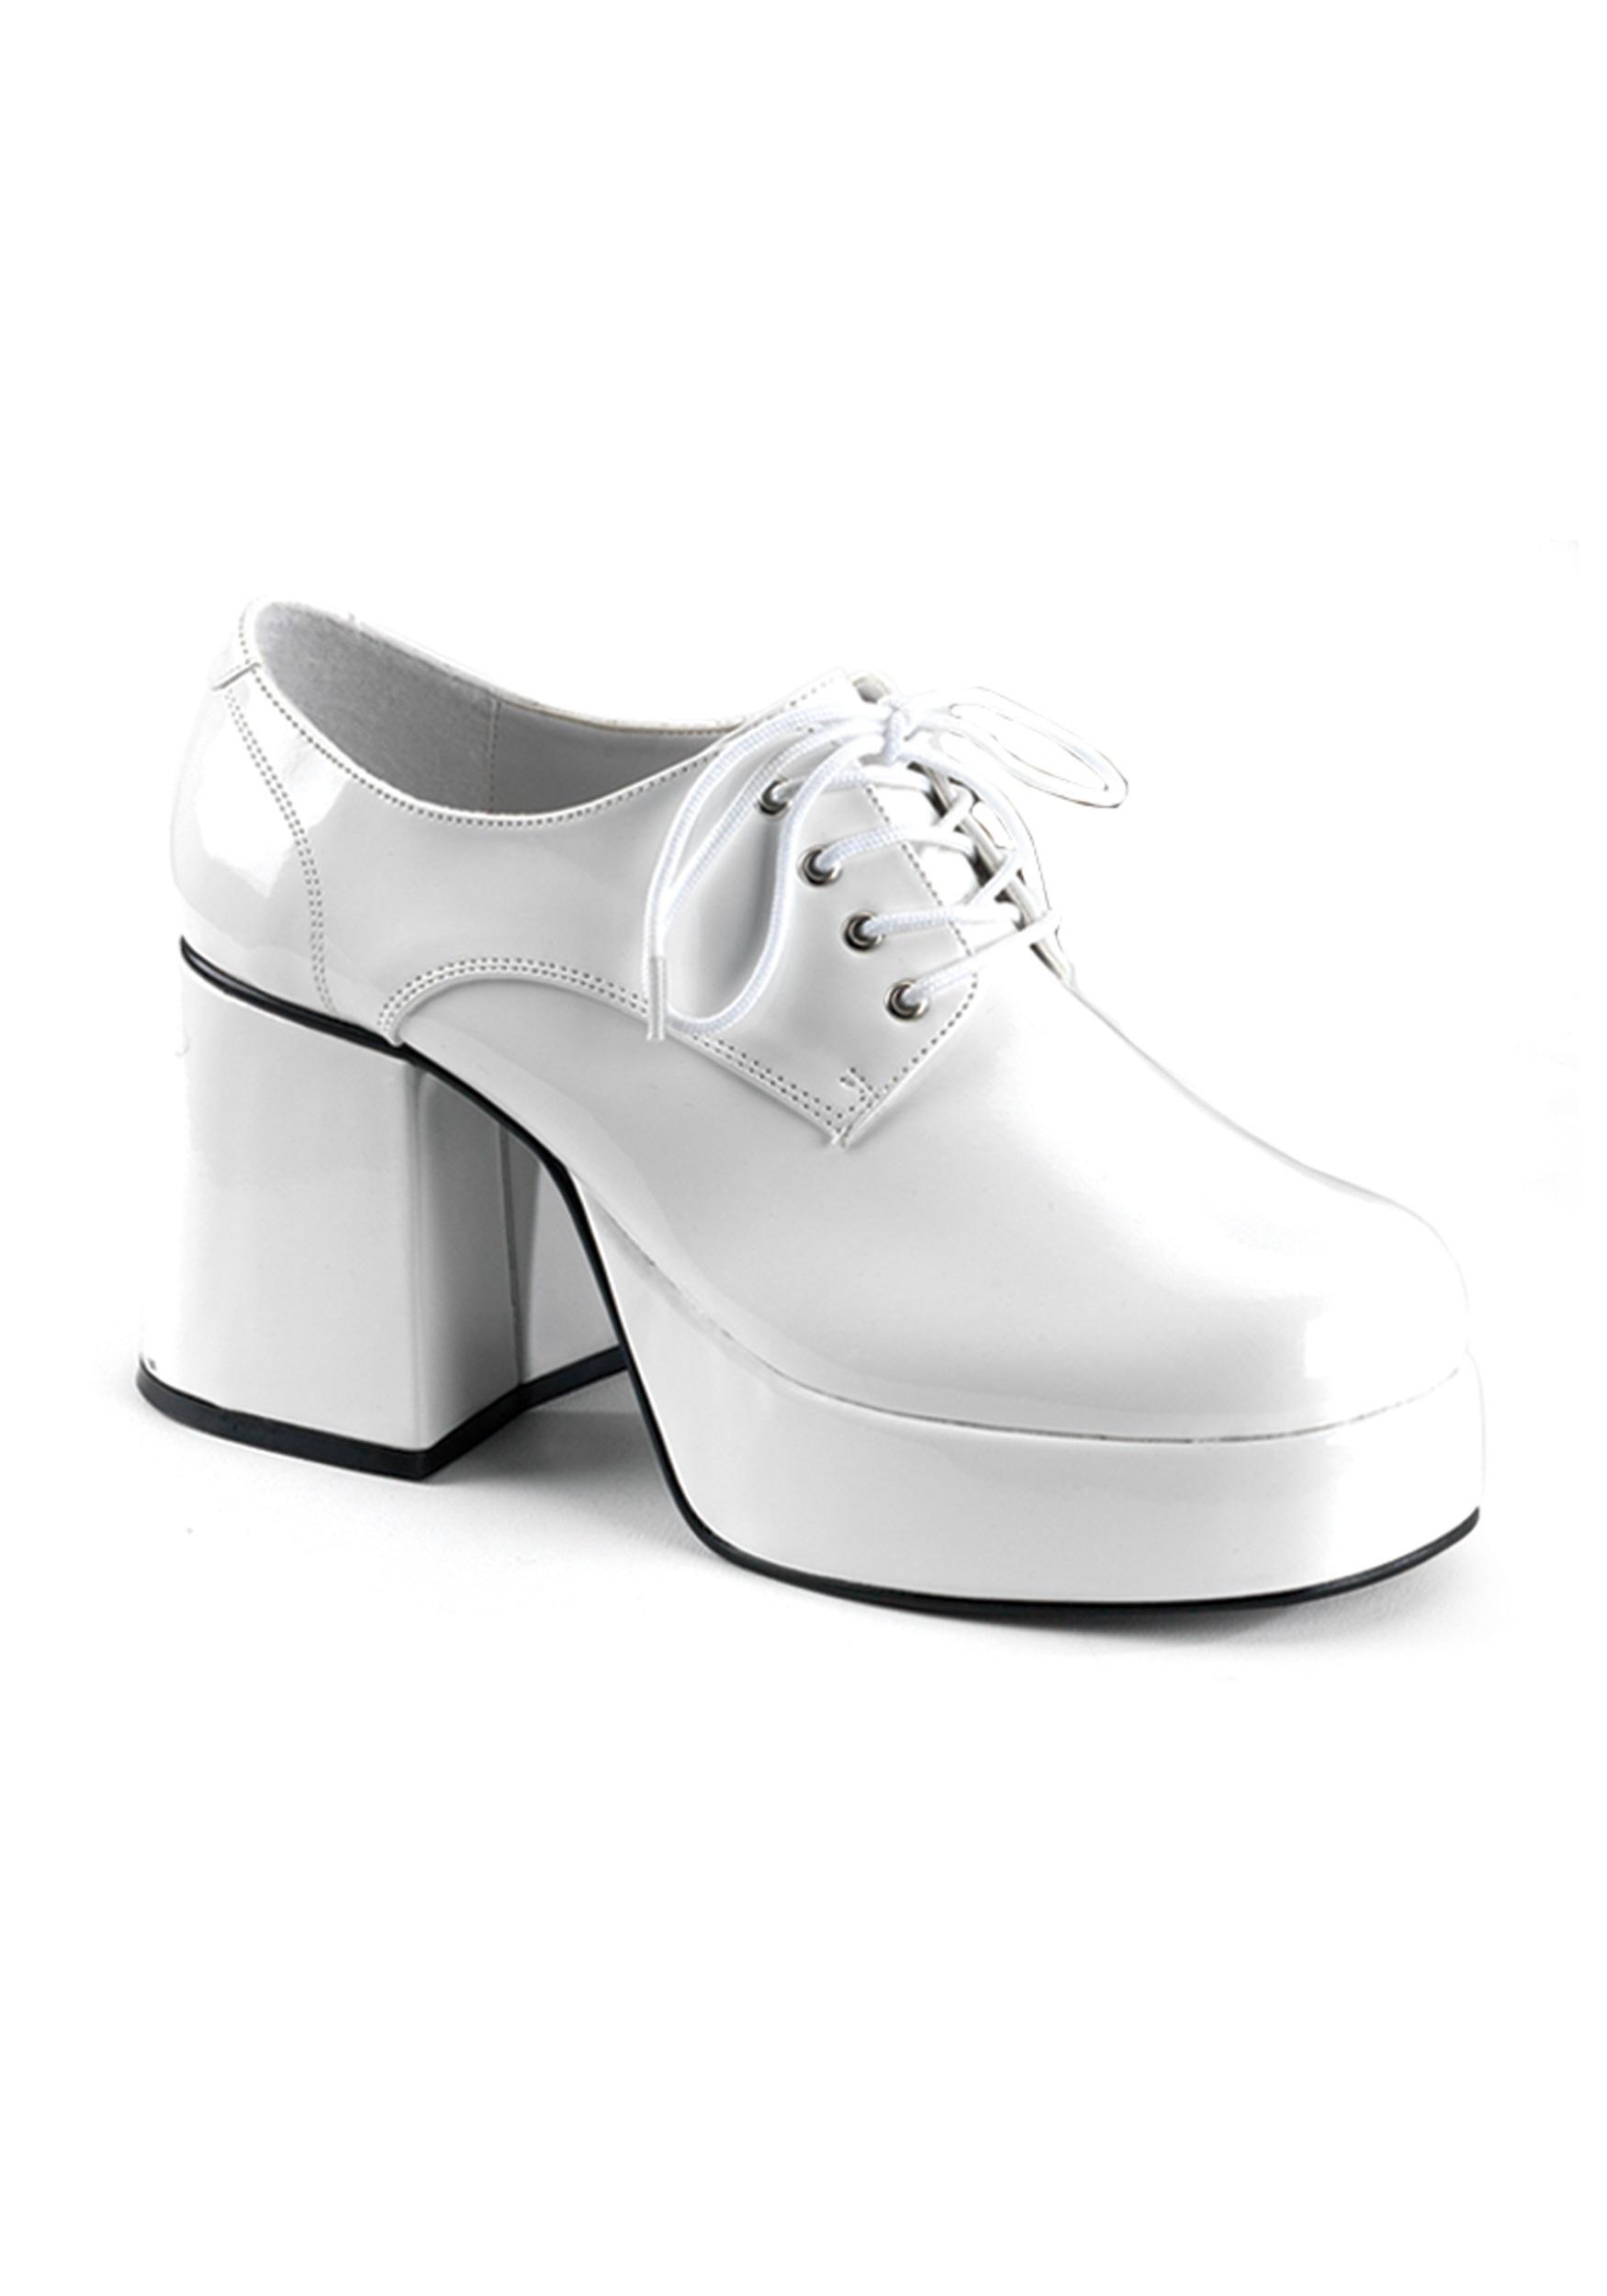 Mens White Platform Disco Shoes